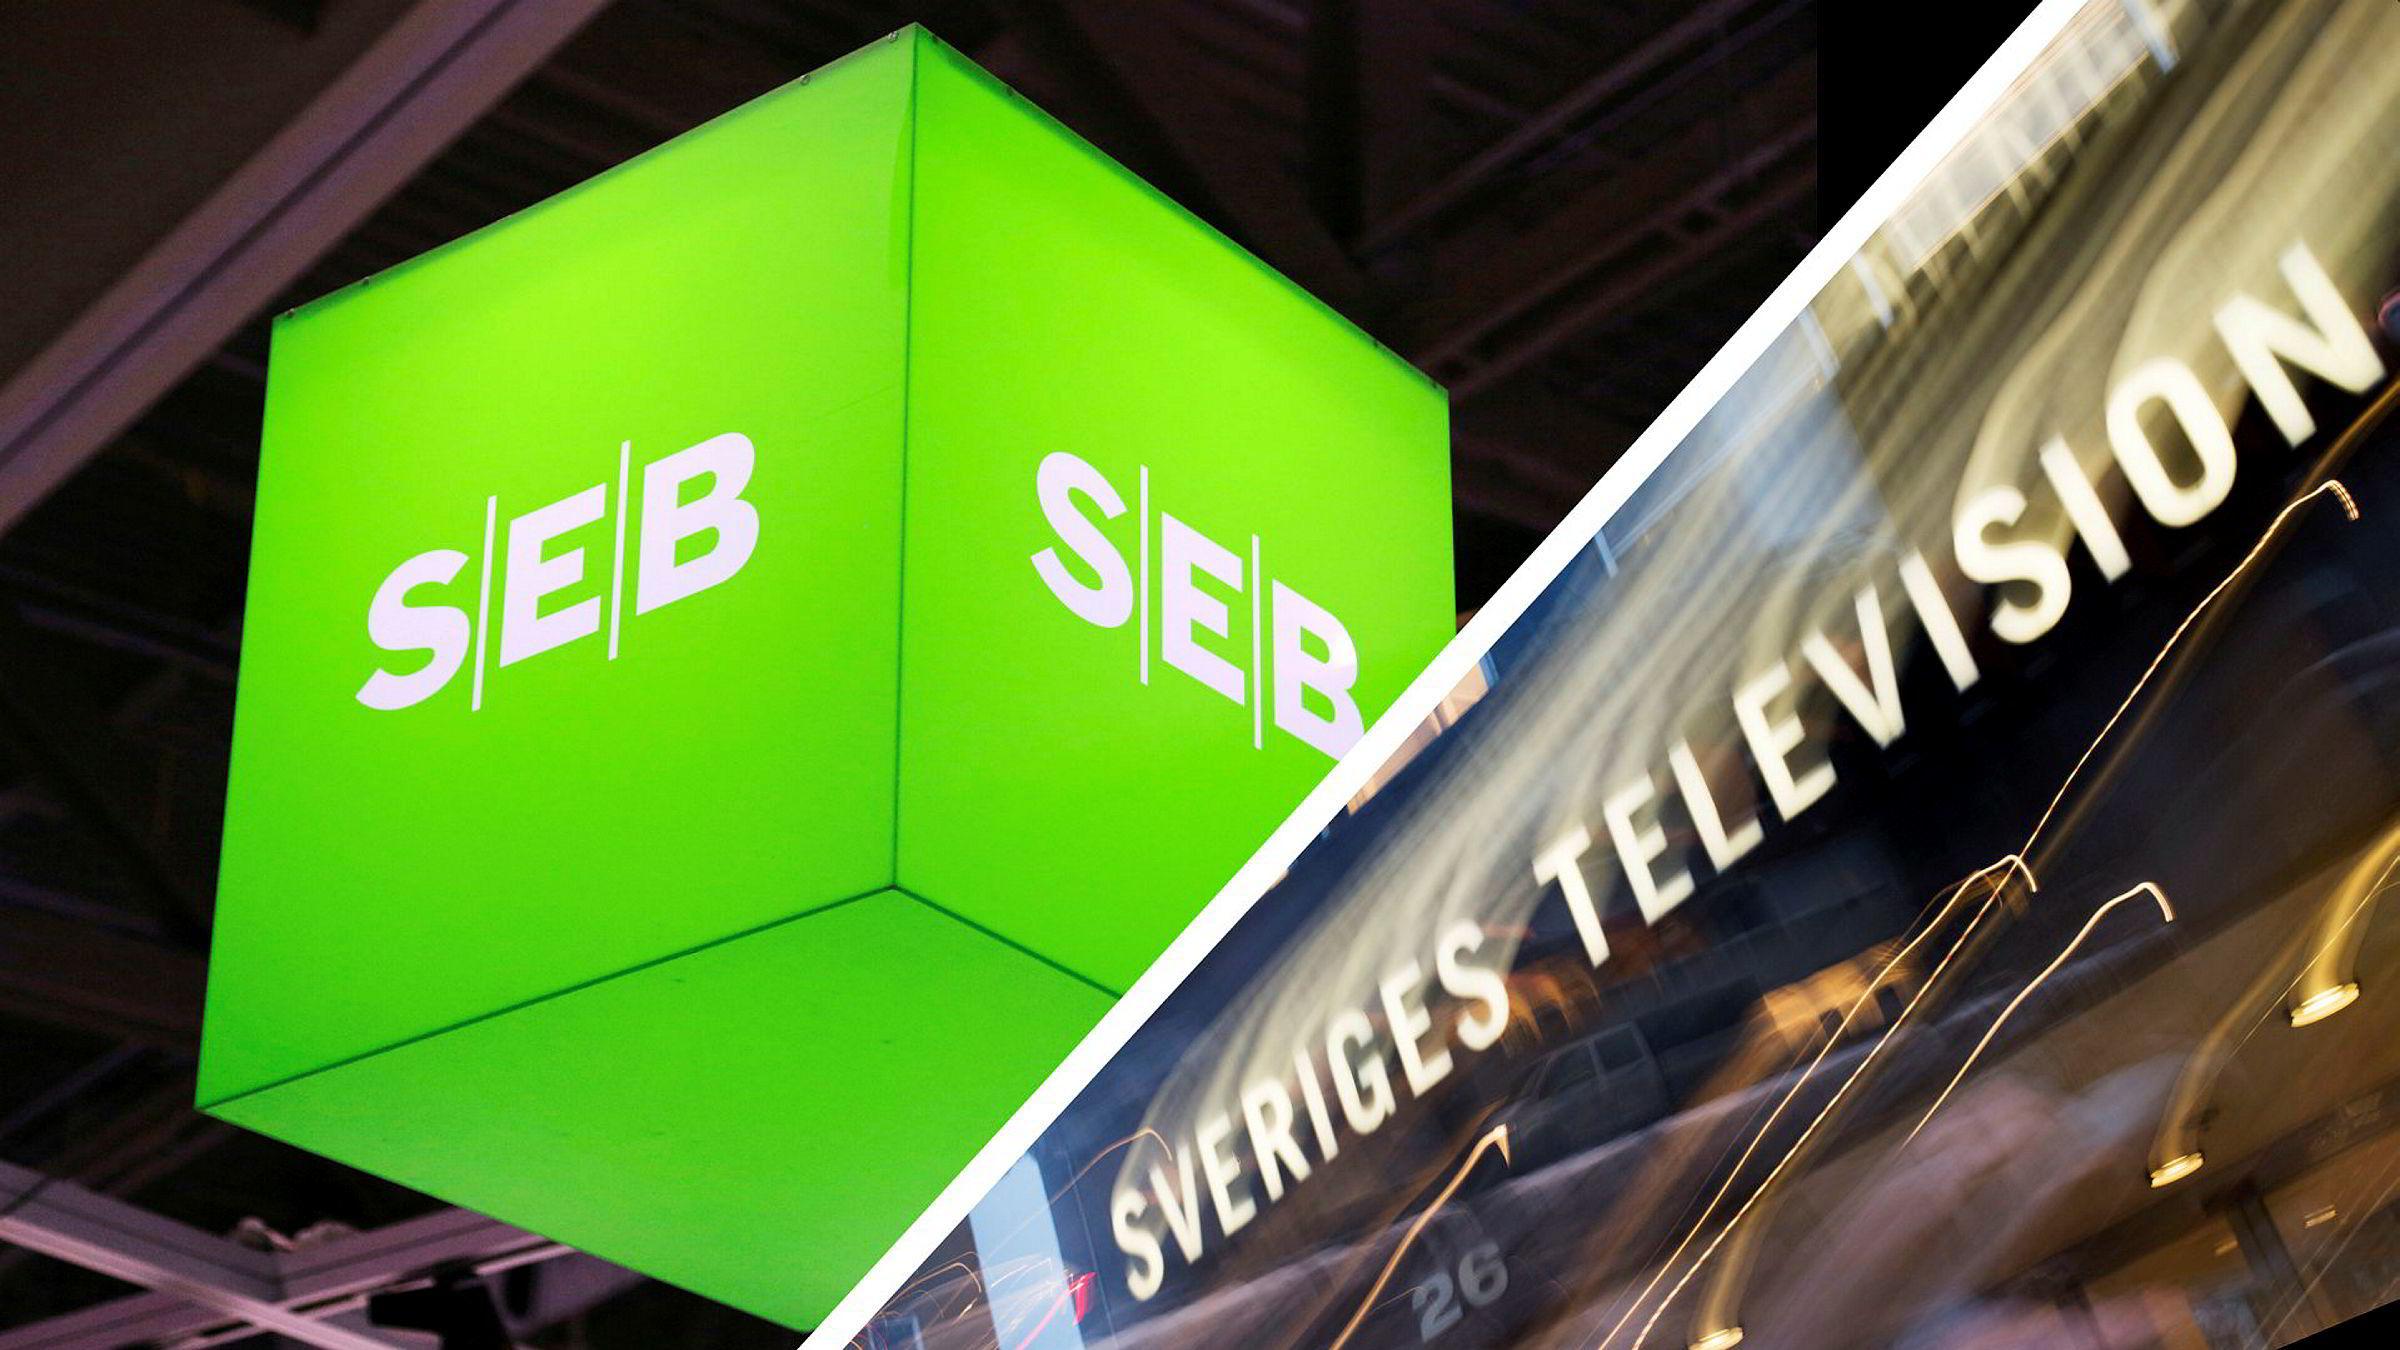 Fredag morgen gikk SEB ut med informasjon om at SVTs program Uppdrag Granskning har tatt kontakt om en potensiell hvitvaskingsskandale.